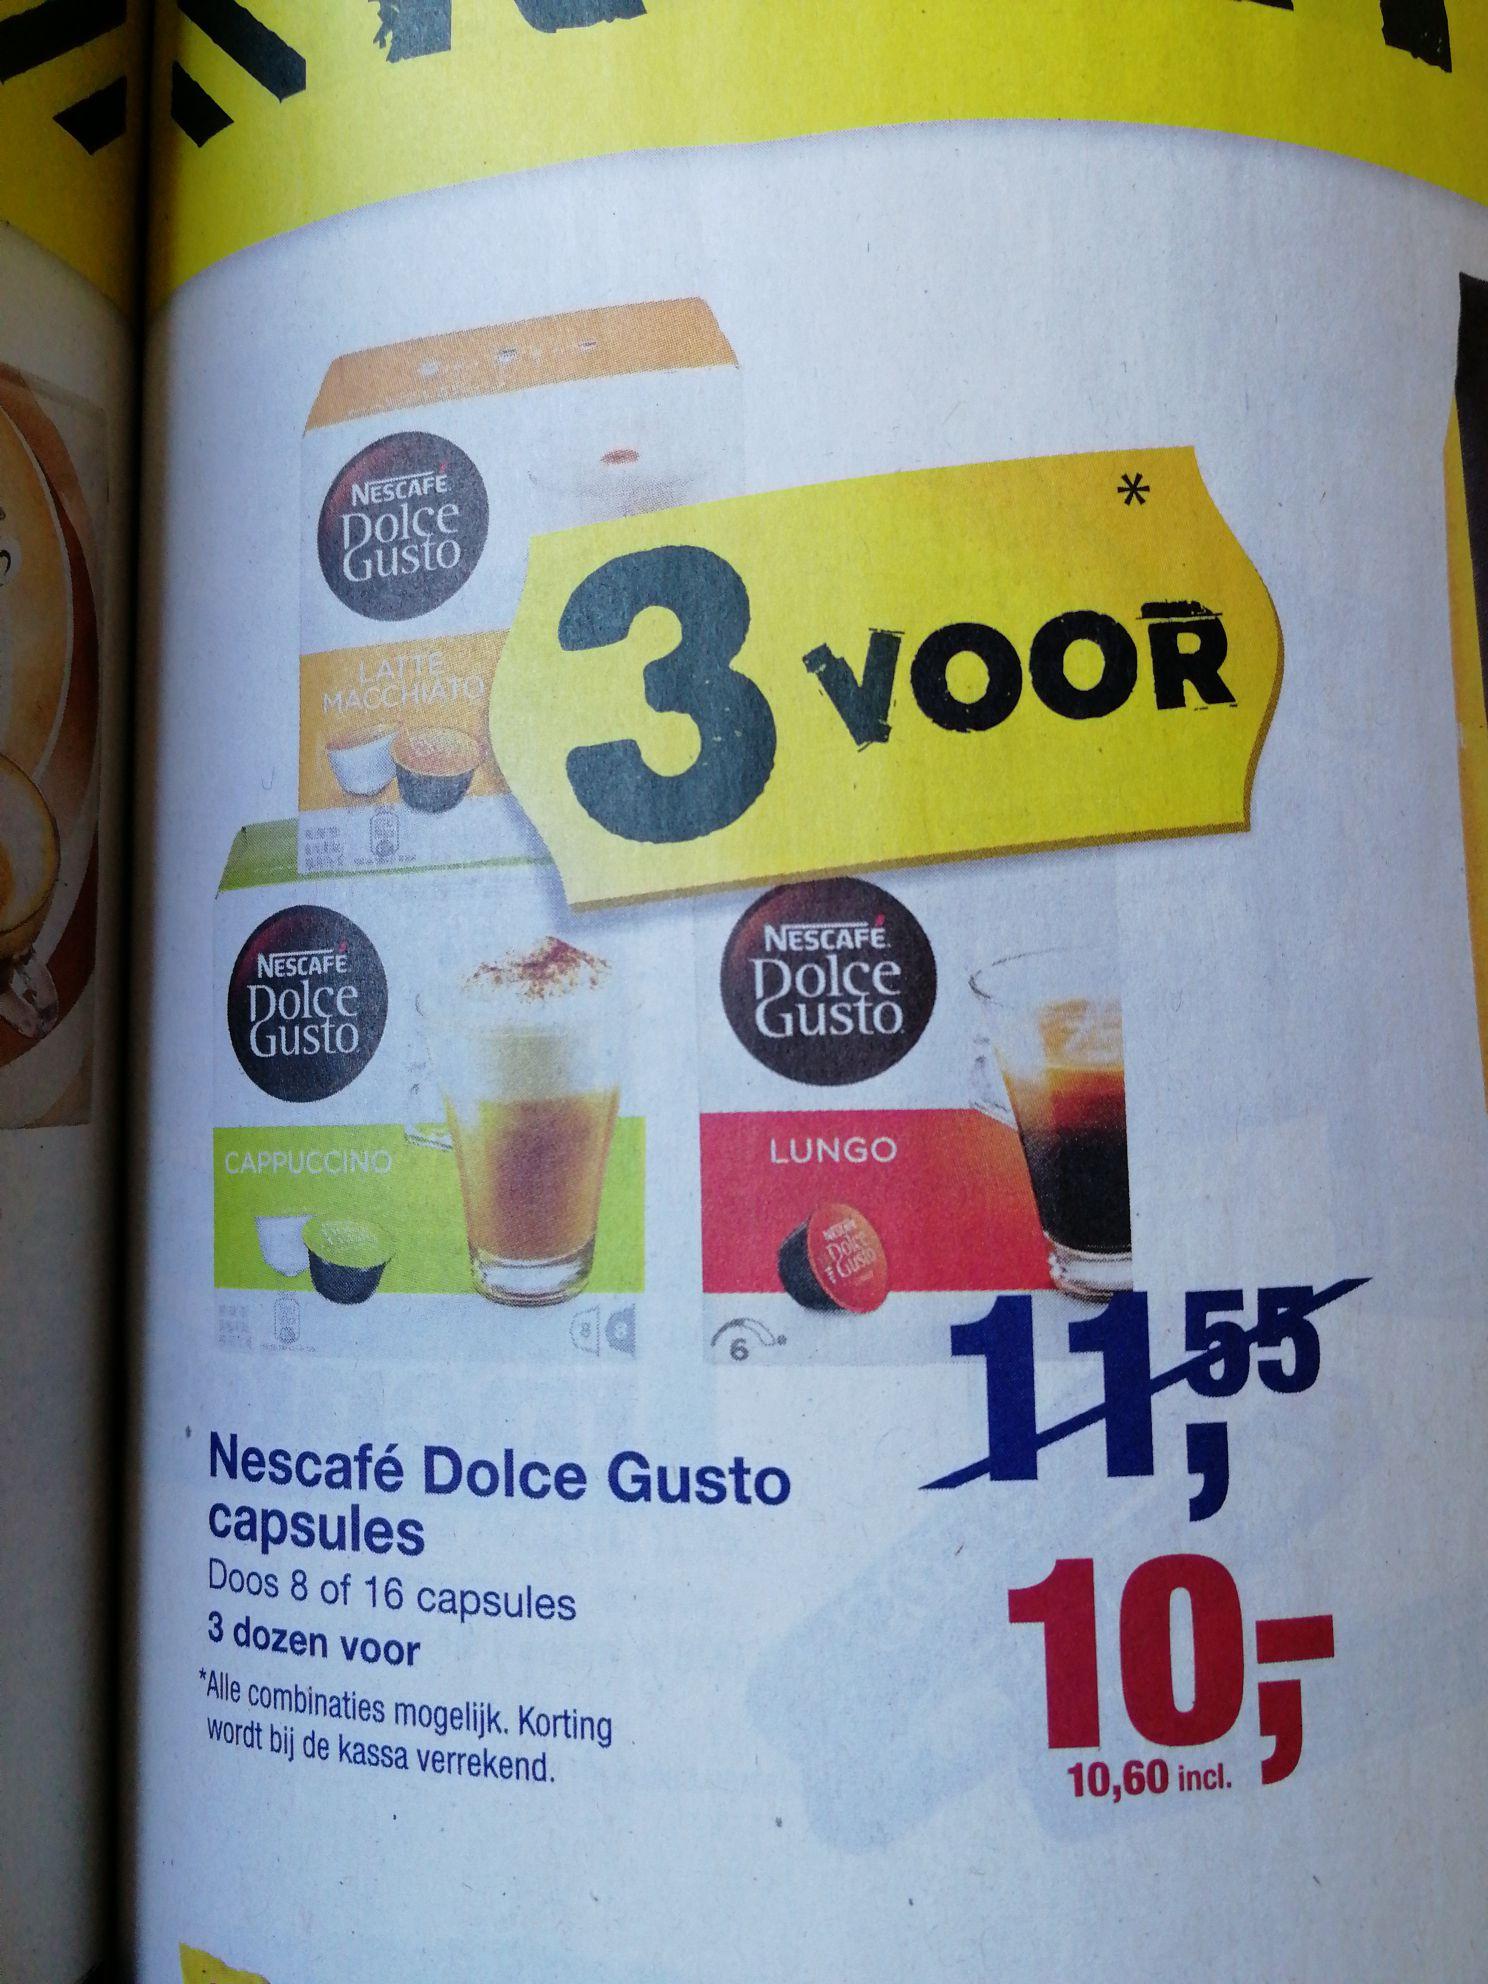 Dolce Gusto 3 voor €10,60 @Makro